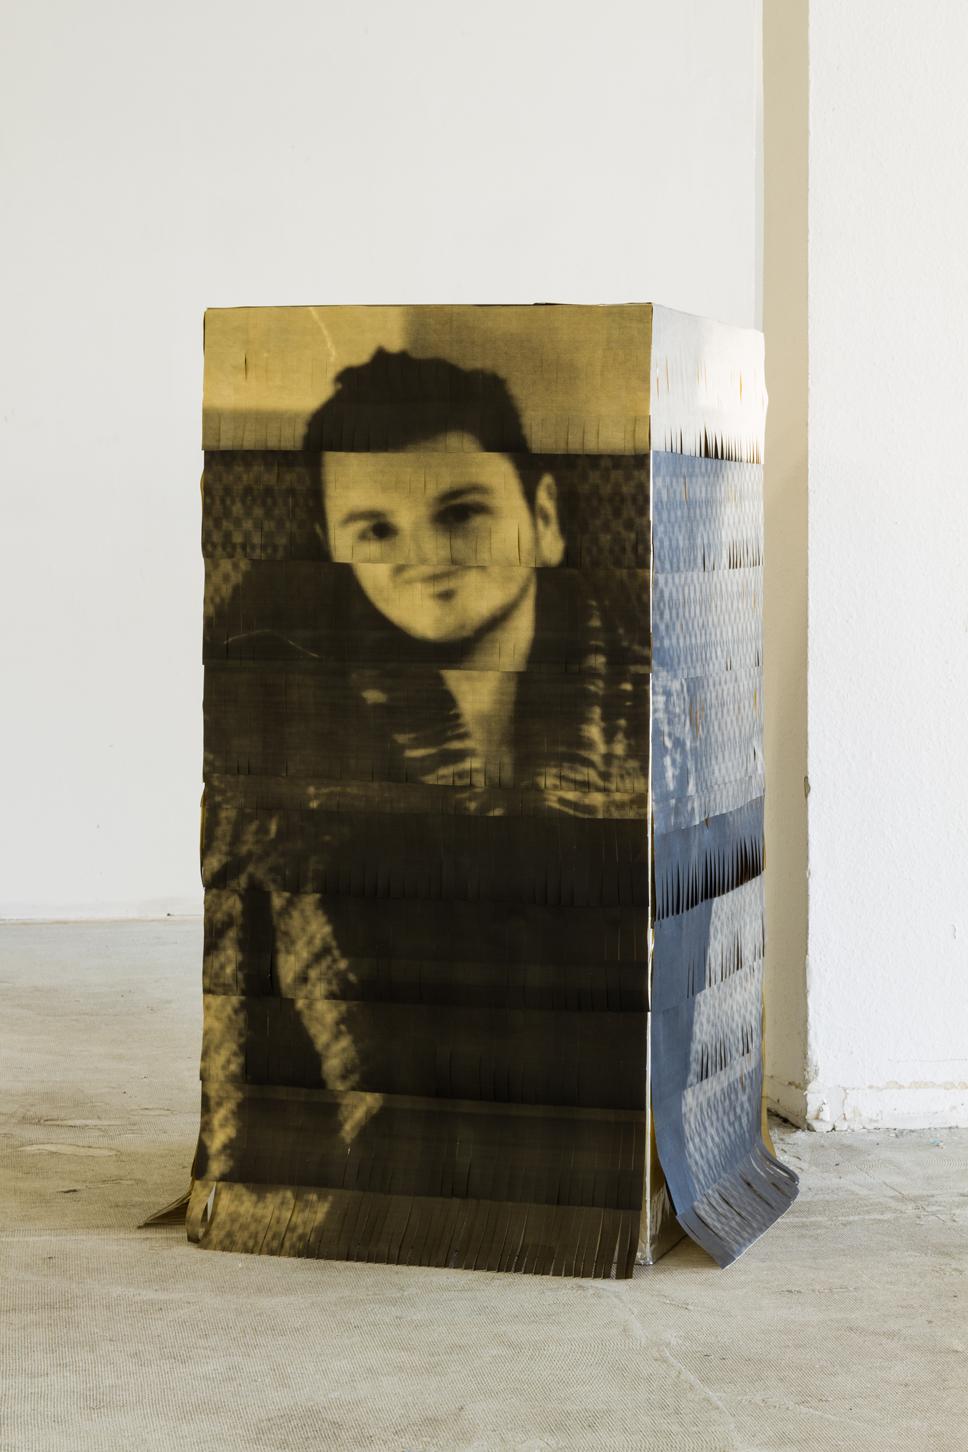 Melissa Steckbauer